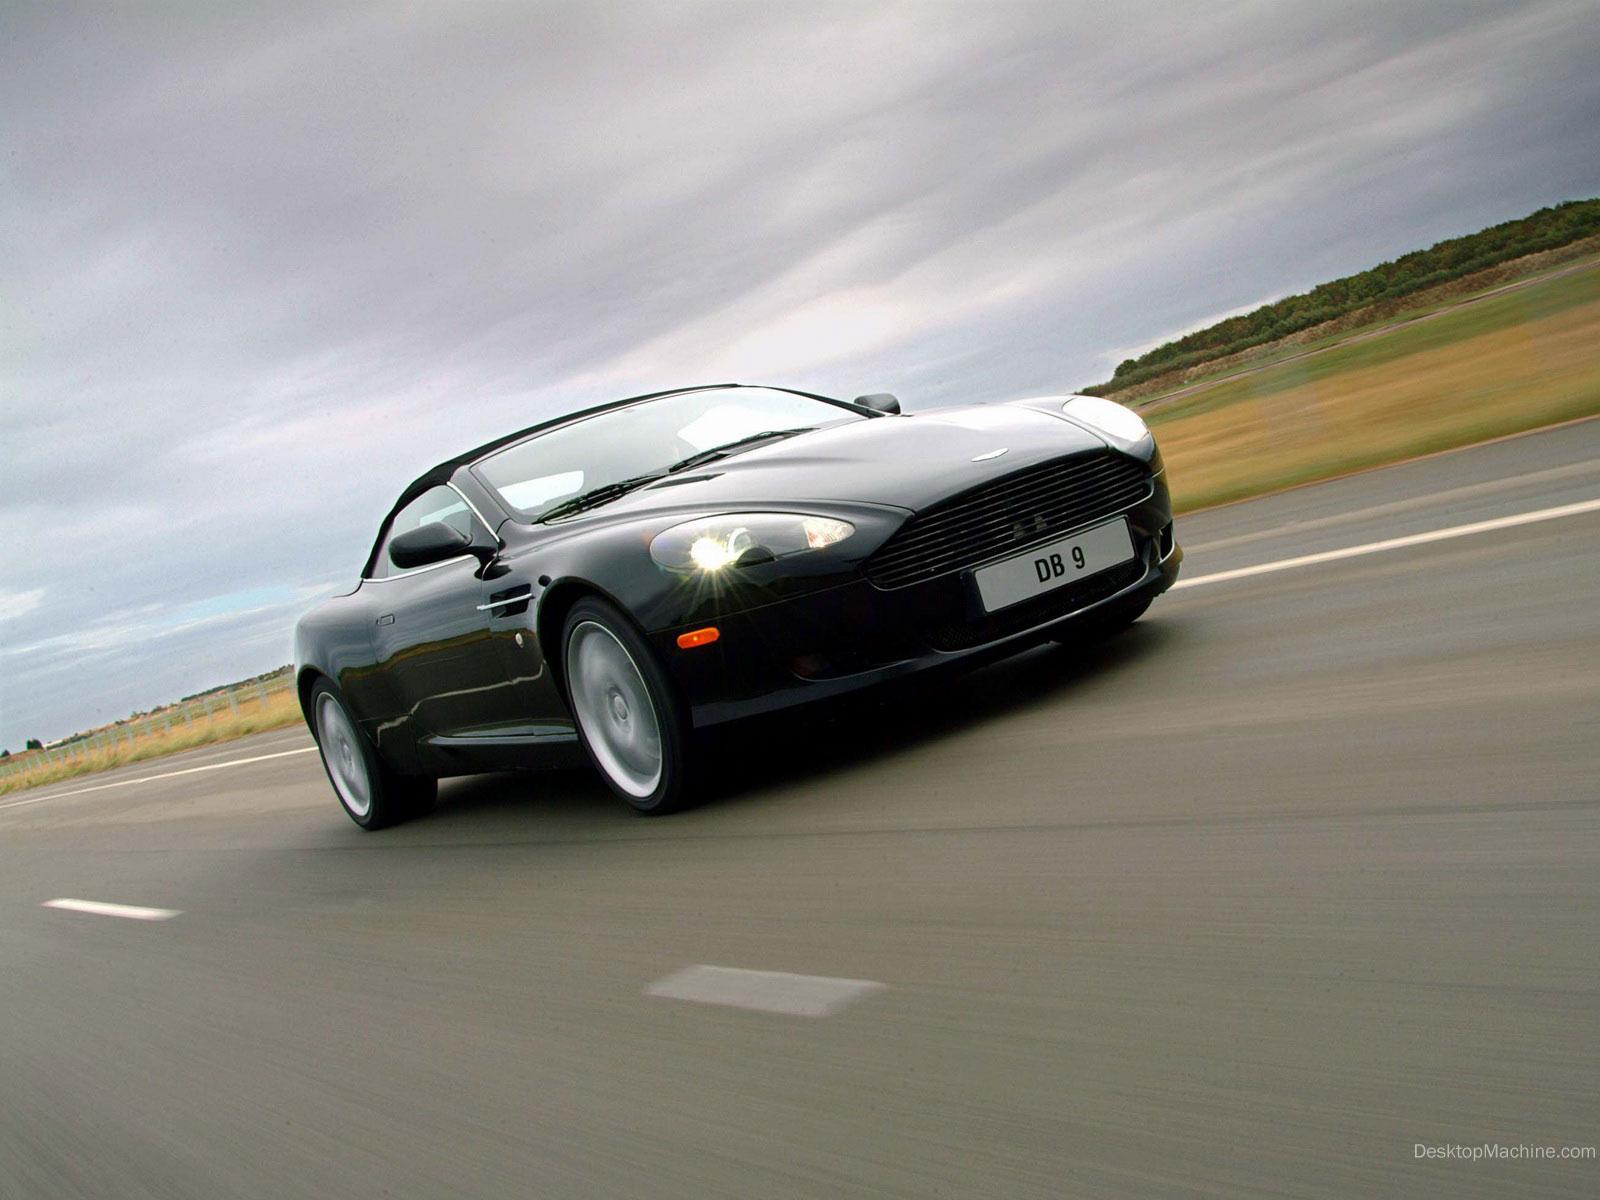 http://4.bp.blogspot.com/-2DArUhbfWTc/ThINvZ7q3iI/AAAAAAAAAPU/ThfFRgbf0Wg/s1600/am_db9_volante-62-1600.jpg